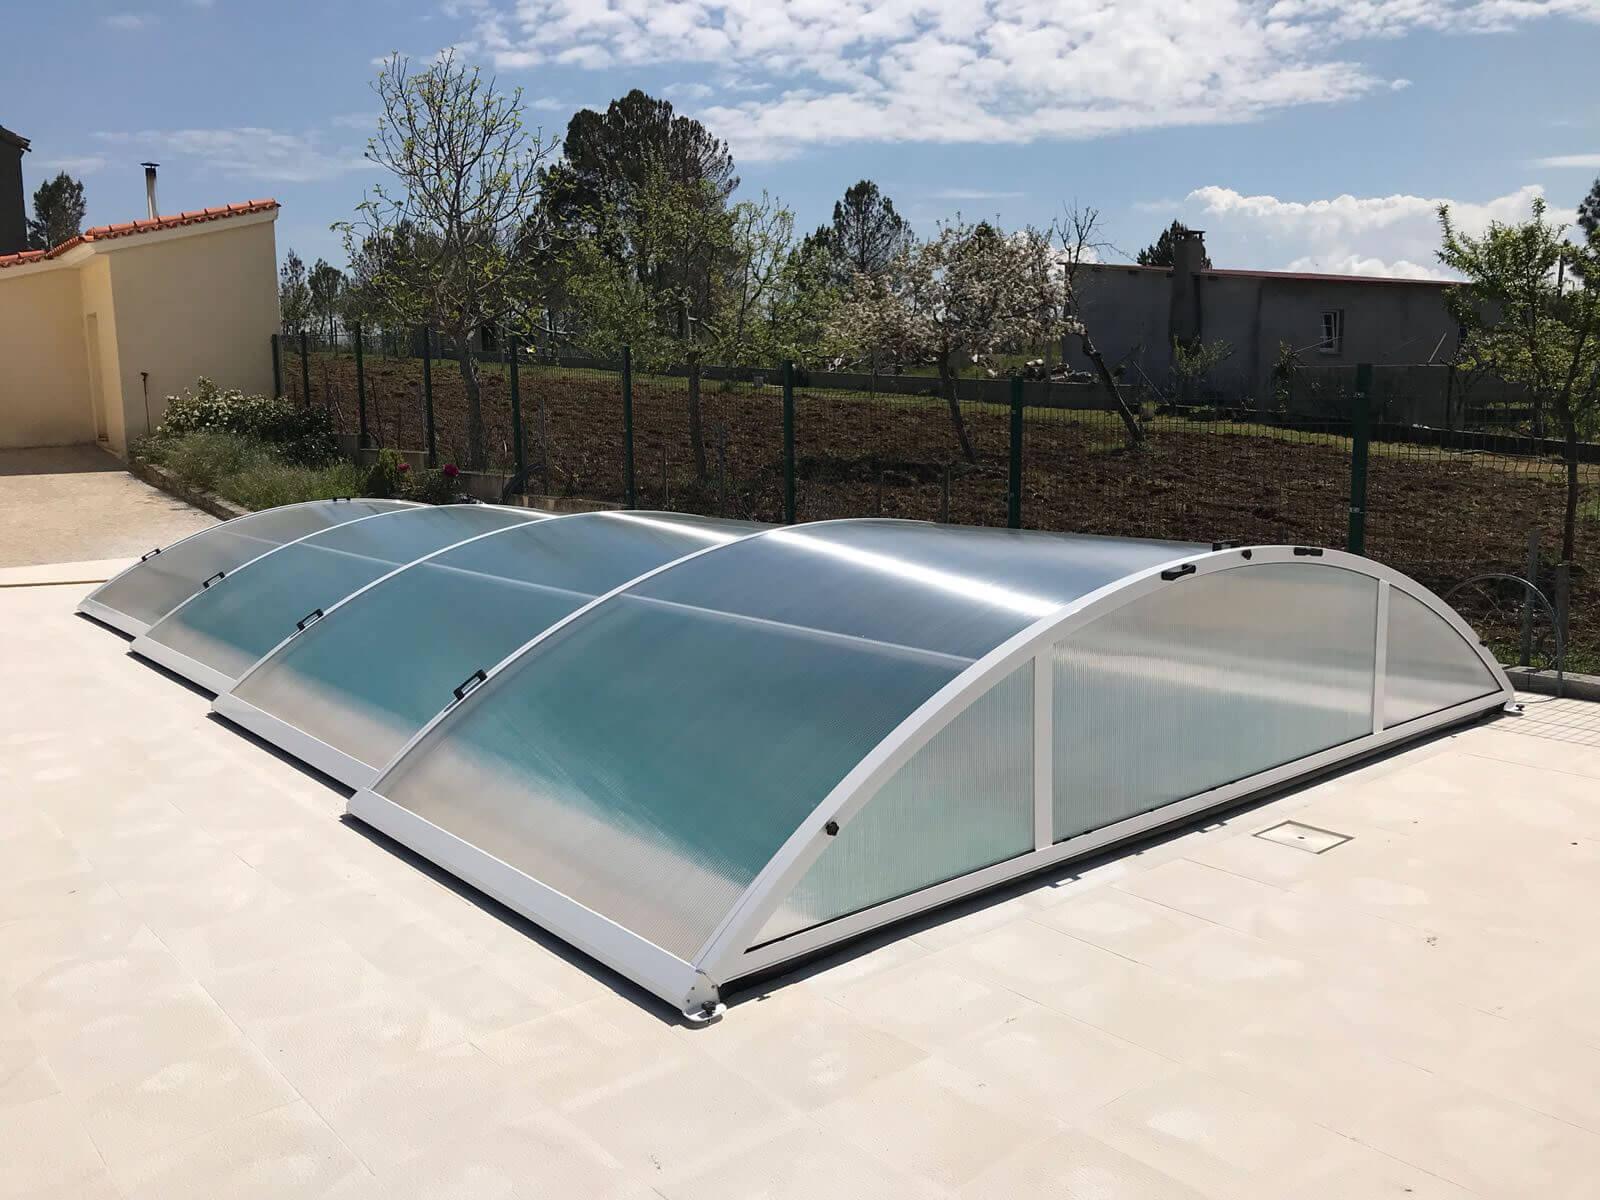 Cubierta telesc pica y baja para piscina en portugal for Cubierta piscina desmontable